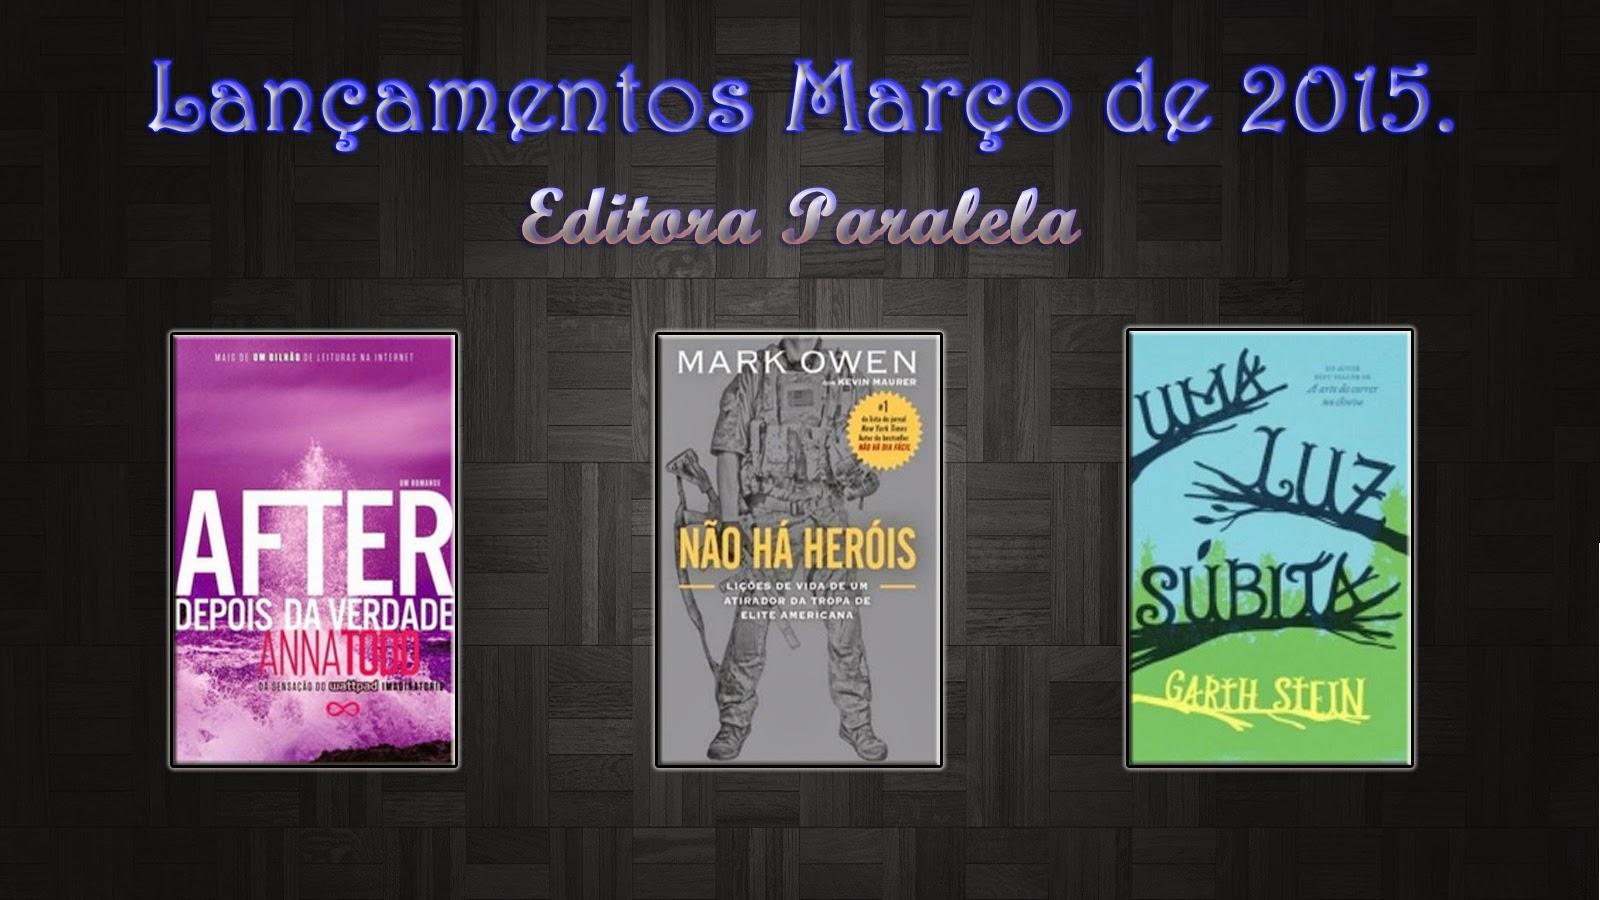 http://livrosetalgroup.blogspot.com.br/p/blog-page_9.html